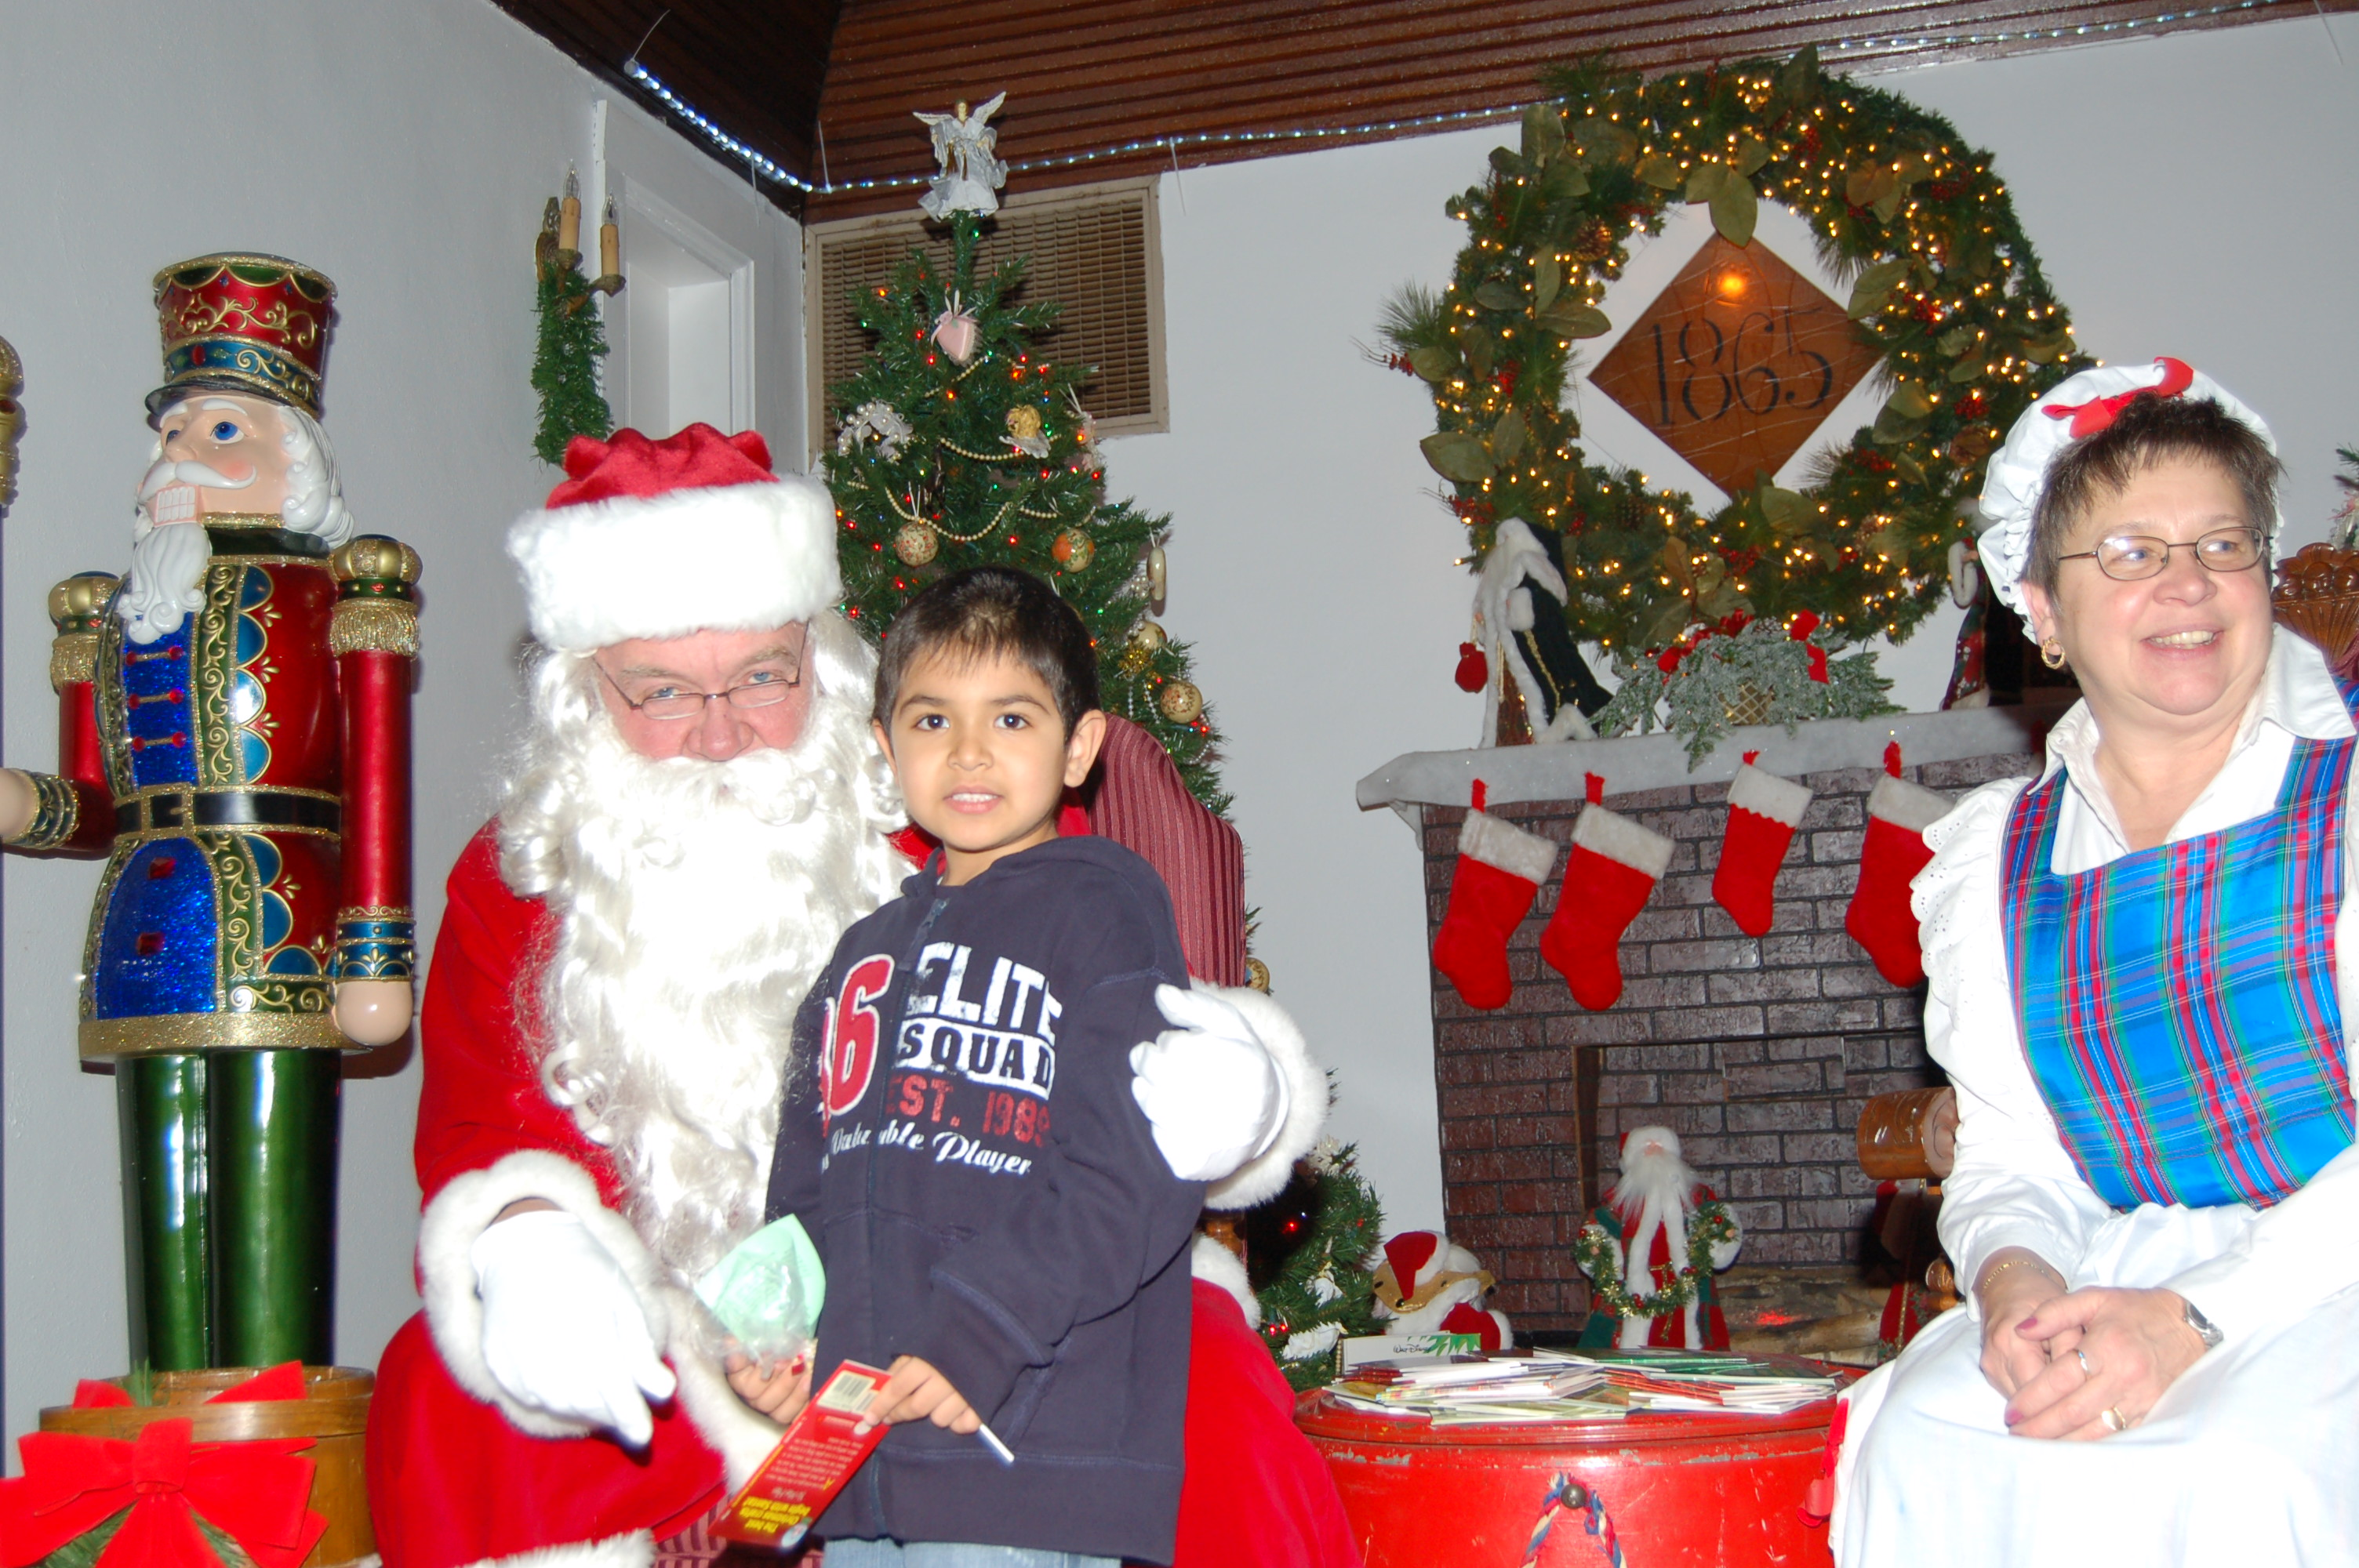 LolliPop+Lane+12-11-2008+Picture+005.jpg